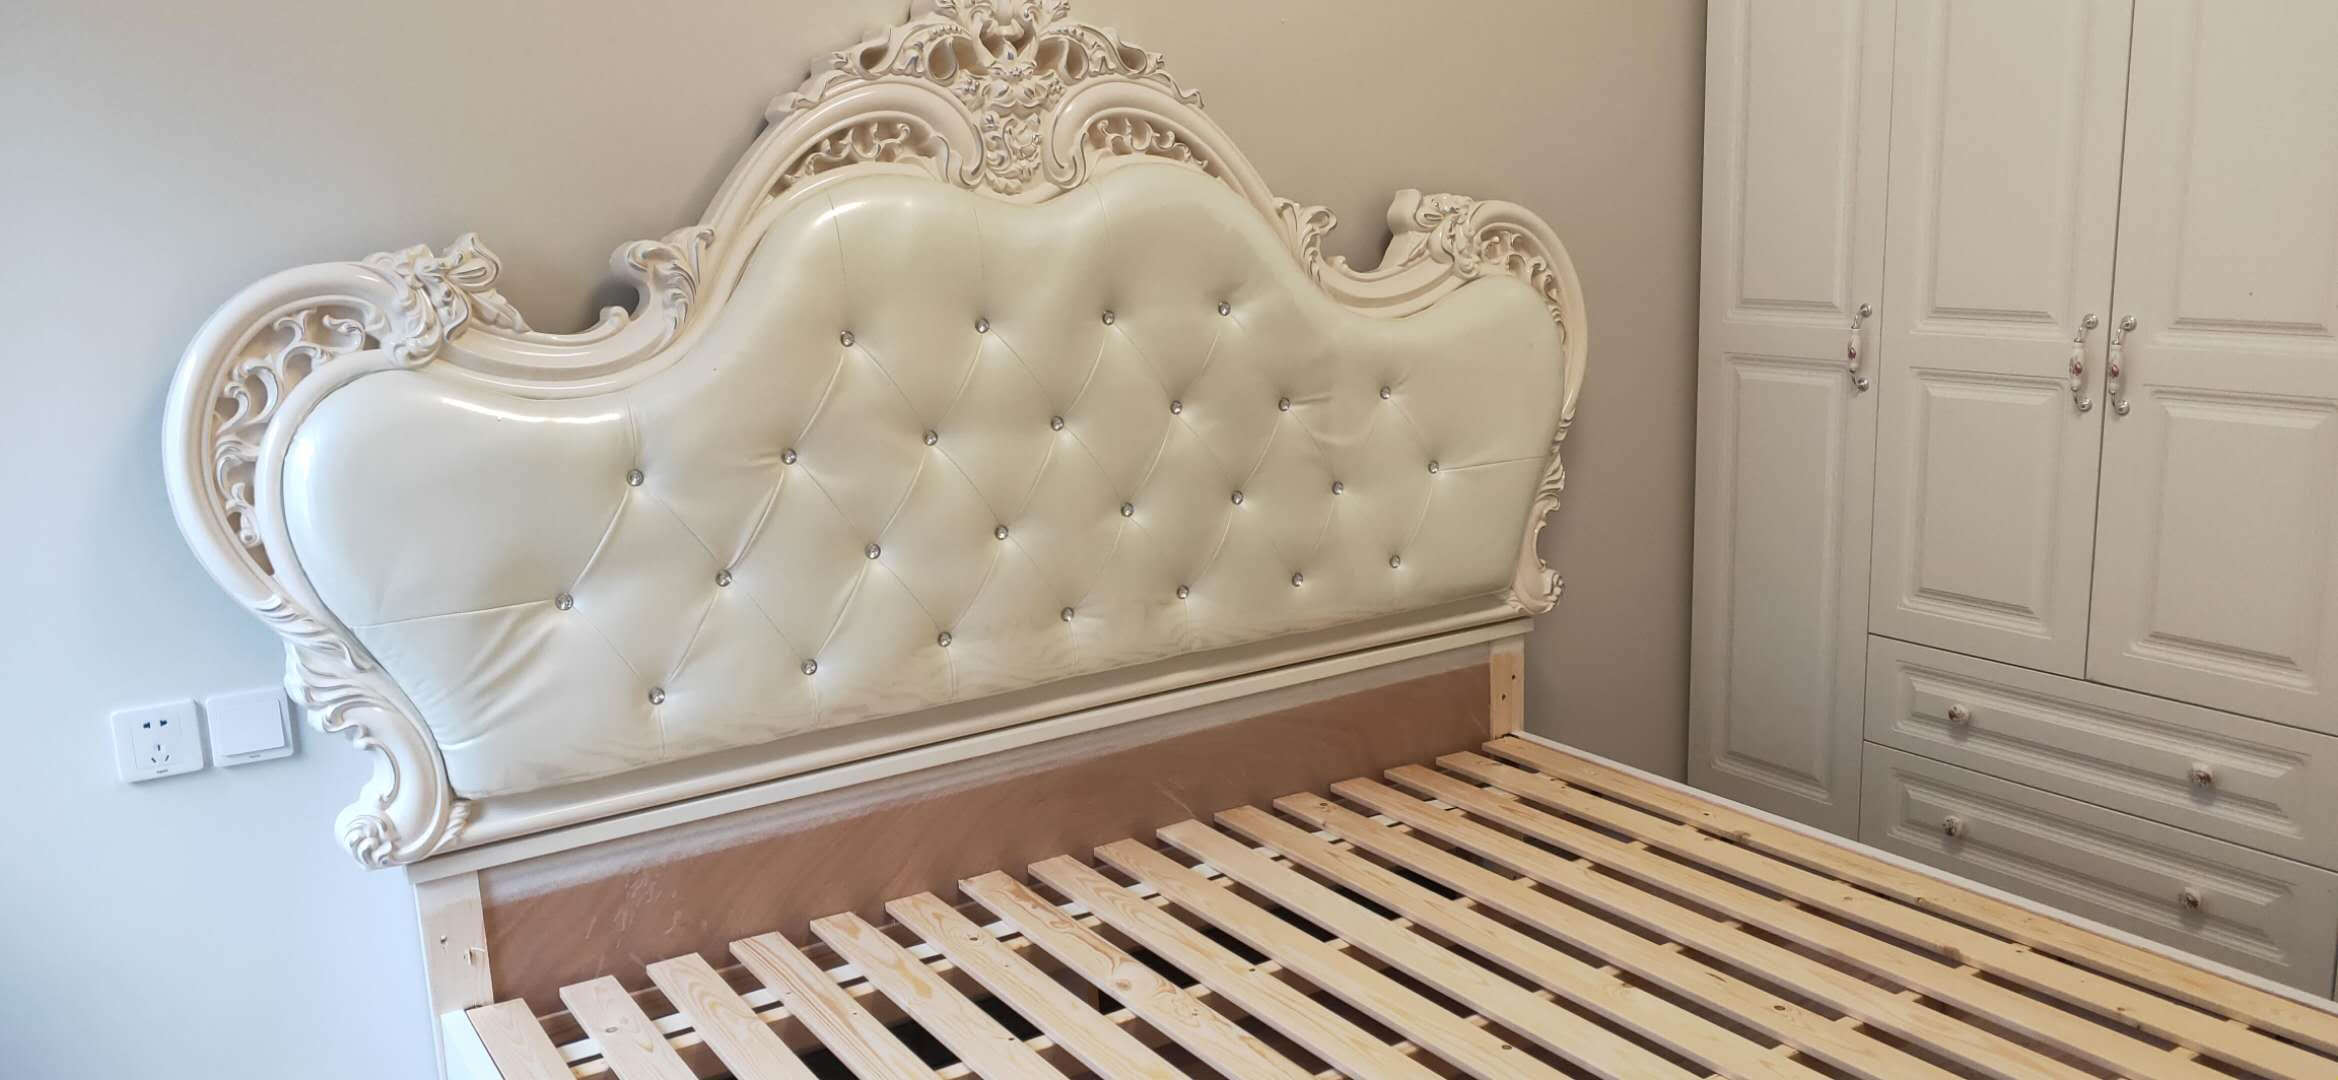 中巢床欧式床双人床卧室家具皮床法式实木床公主婚床1.8米现代北欧轻奢风格实木床1.8*2.0m框架结构